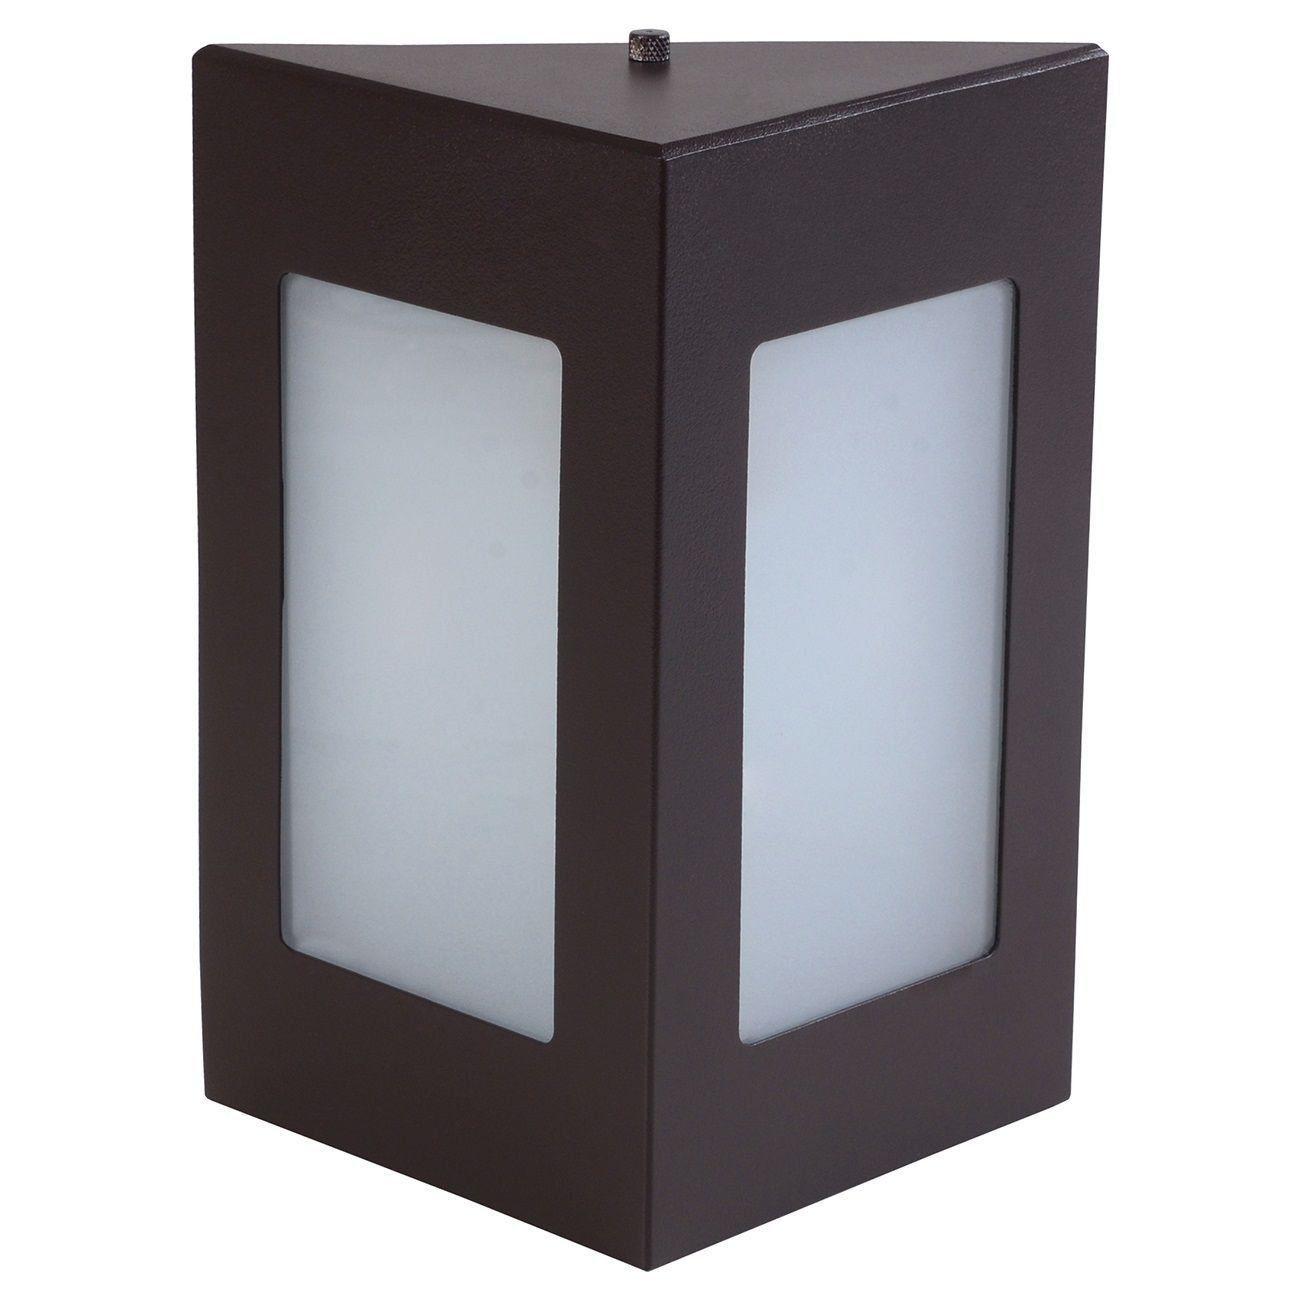 Arandela Triângular Luminária Externa Interna Muro Parede Alumínio Marrom - Rei da Iluminação